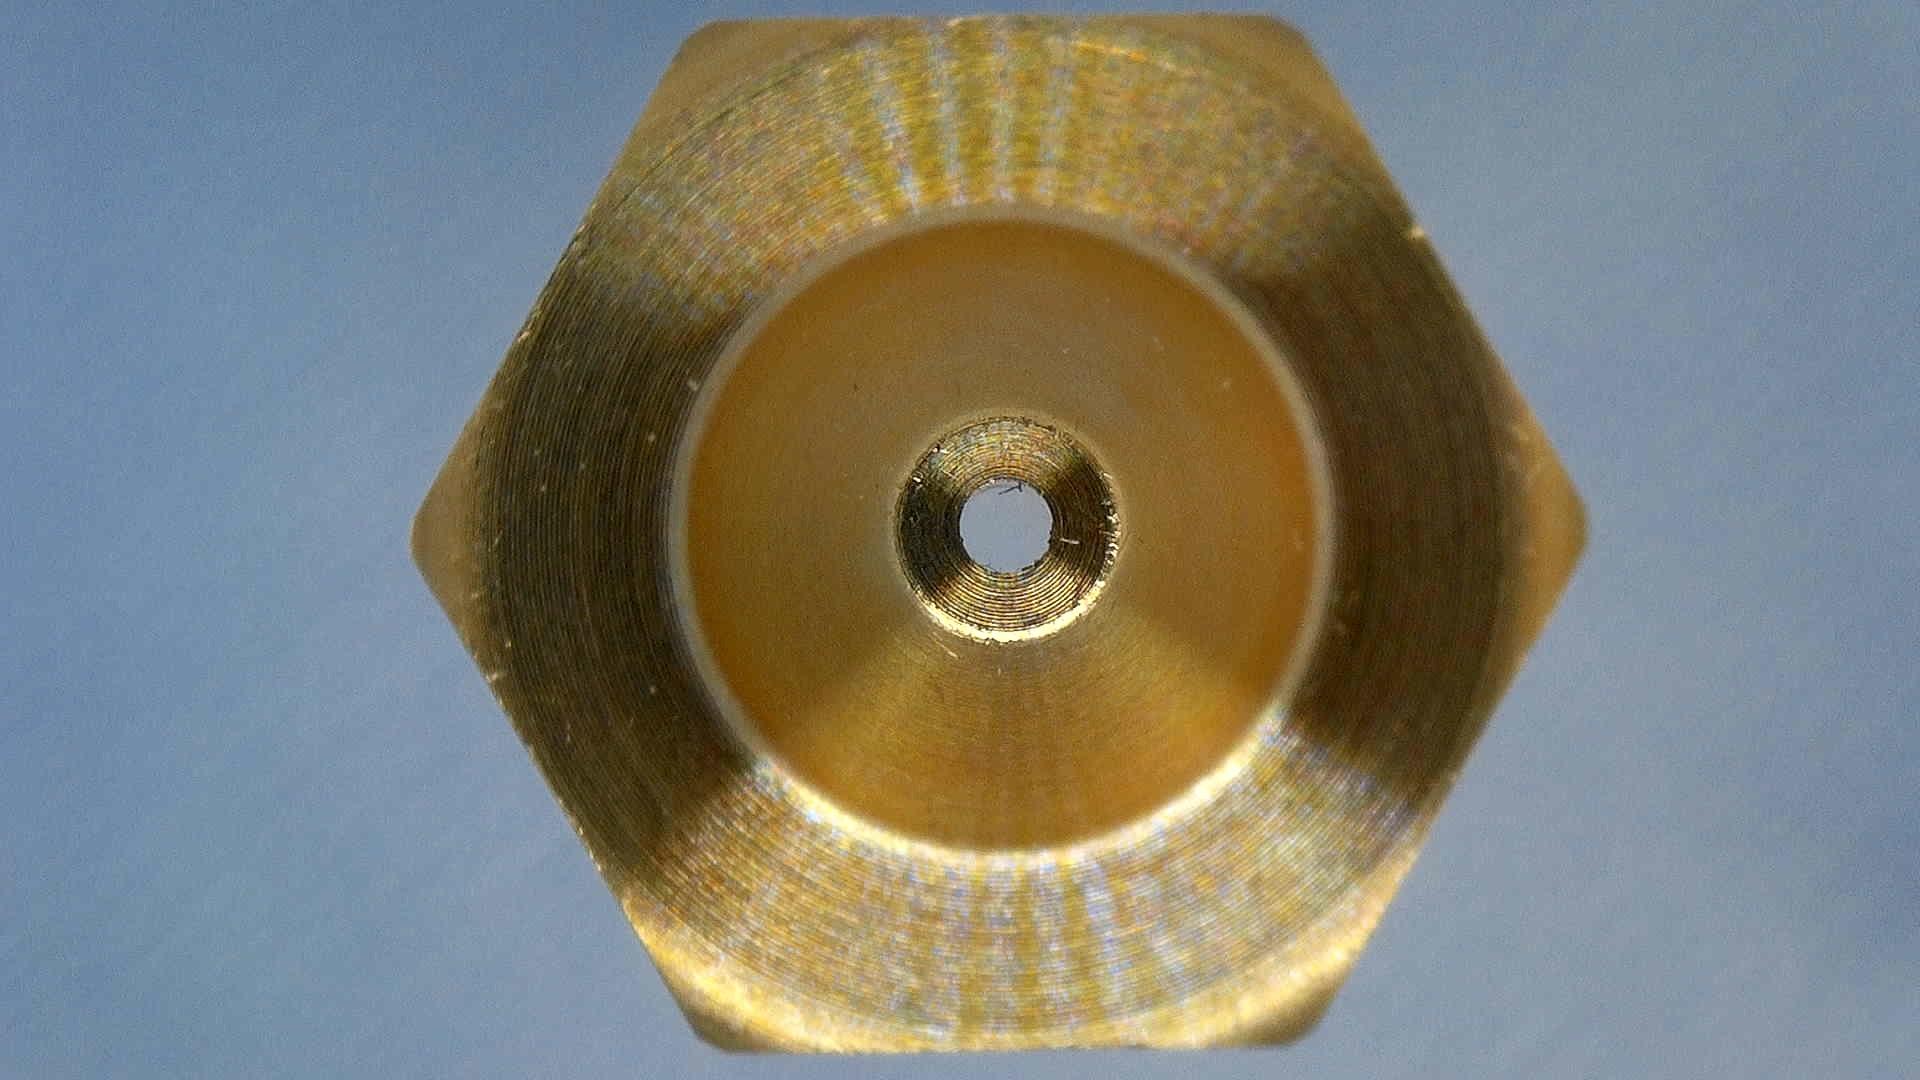 E3D-Brass-Volcano-3